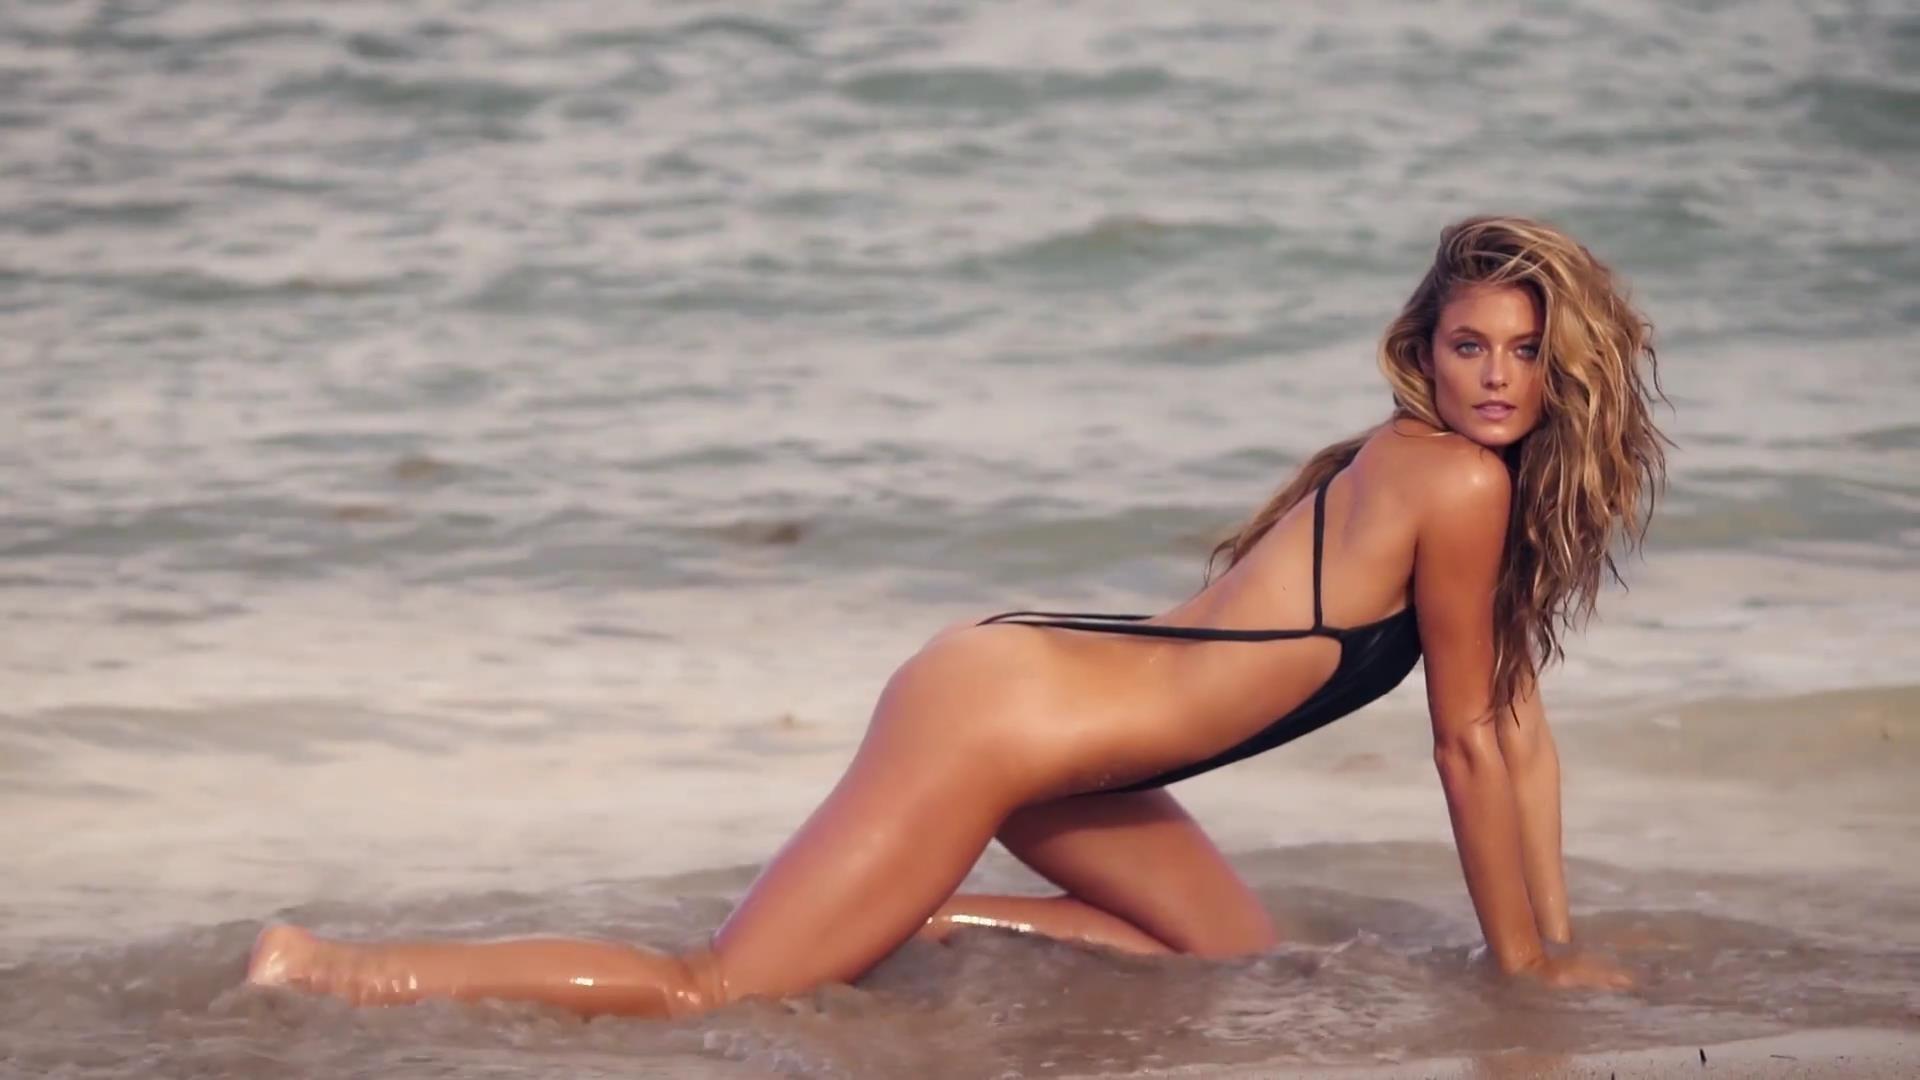 Women Videos Nude Sports#6